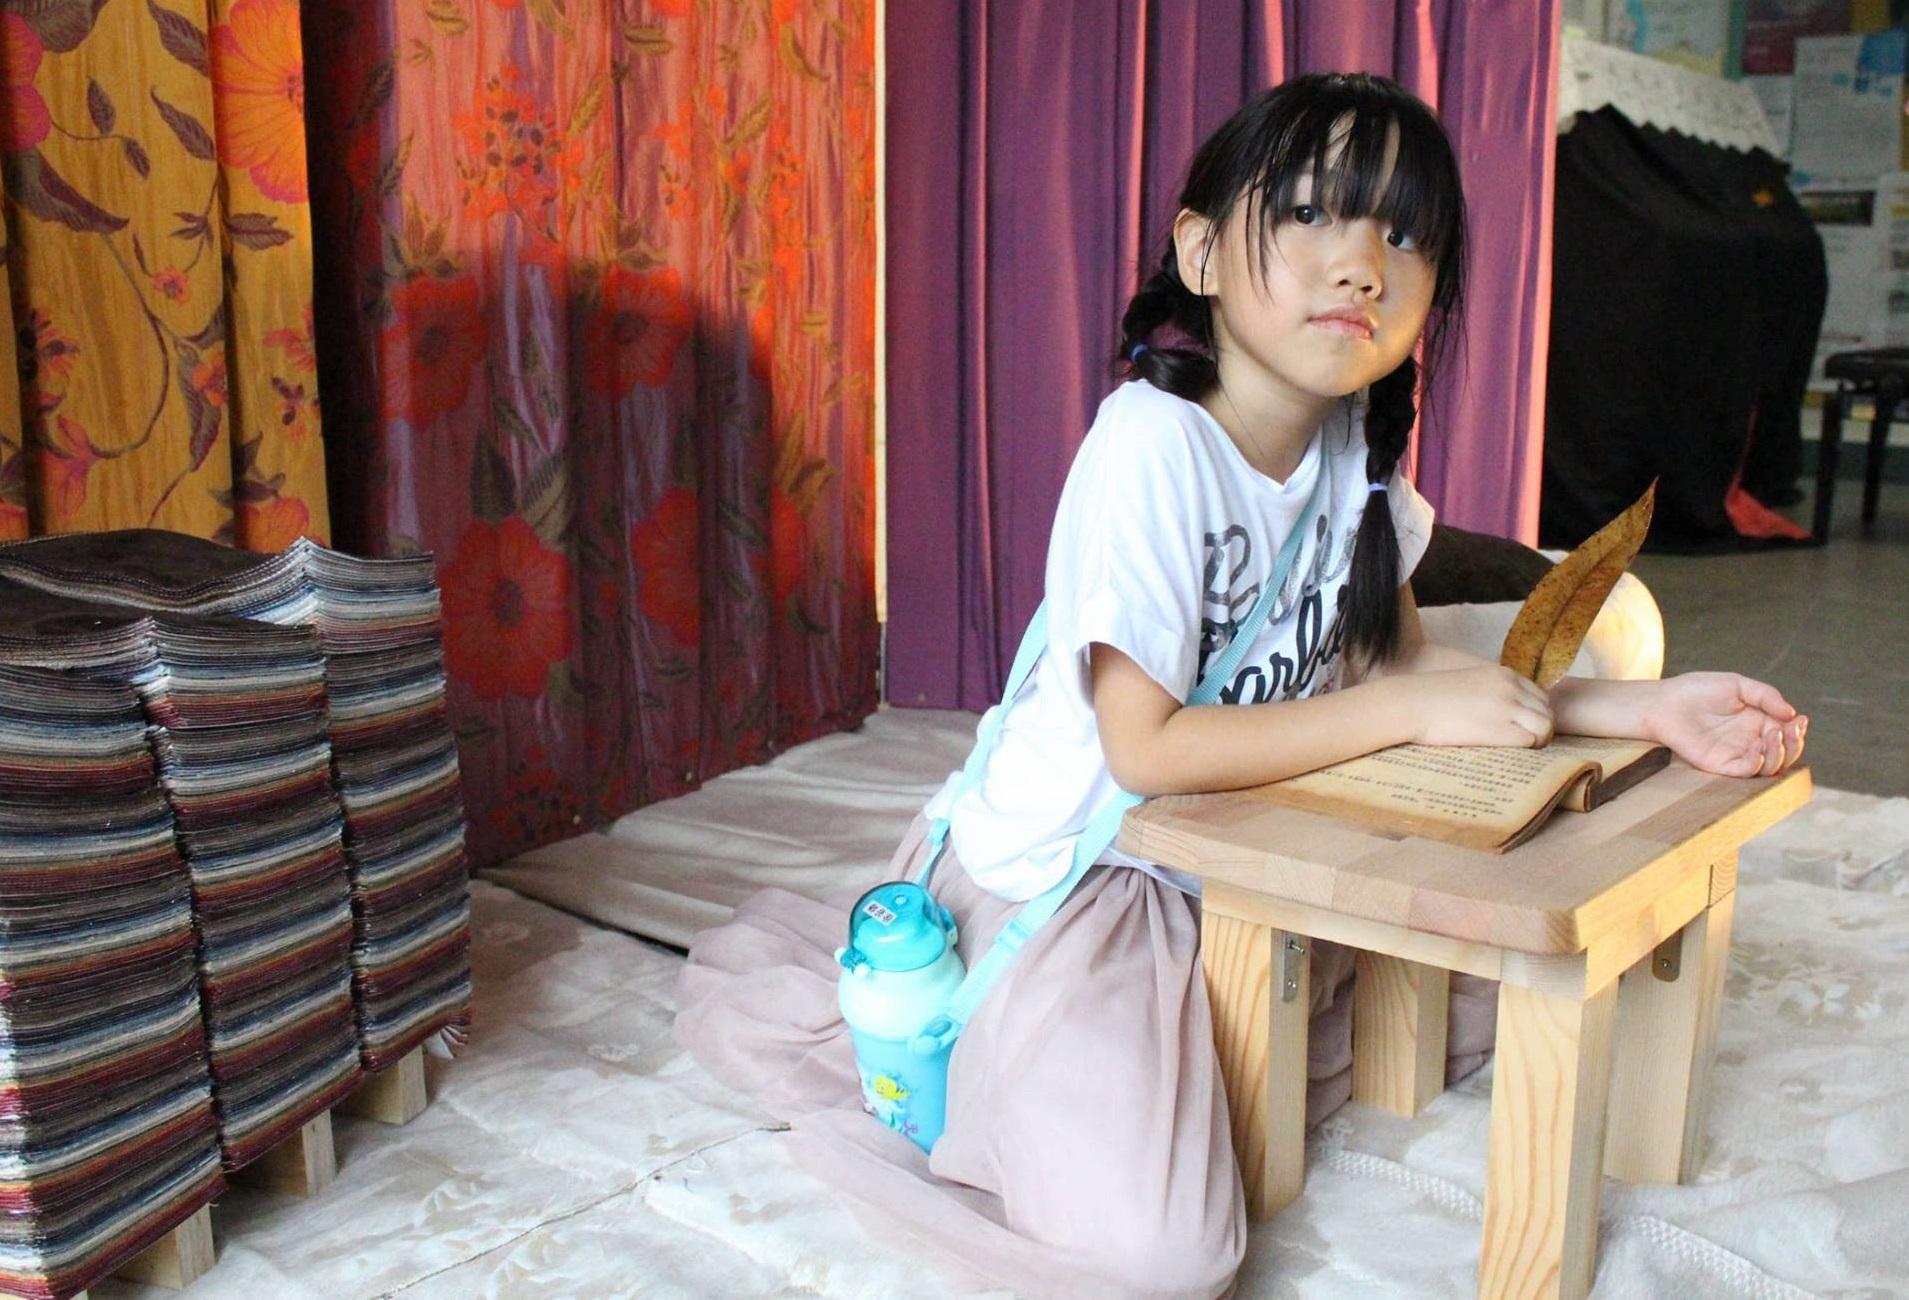 通稿照片4-中原室設與安德利集團合作,學生利用布料淘汰品展現的設計創作,搖身一變成為小朋友遊戲探索的幸福角落!.jpg